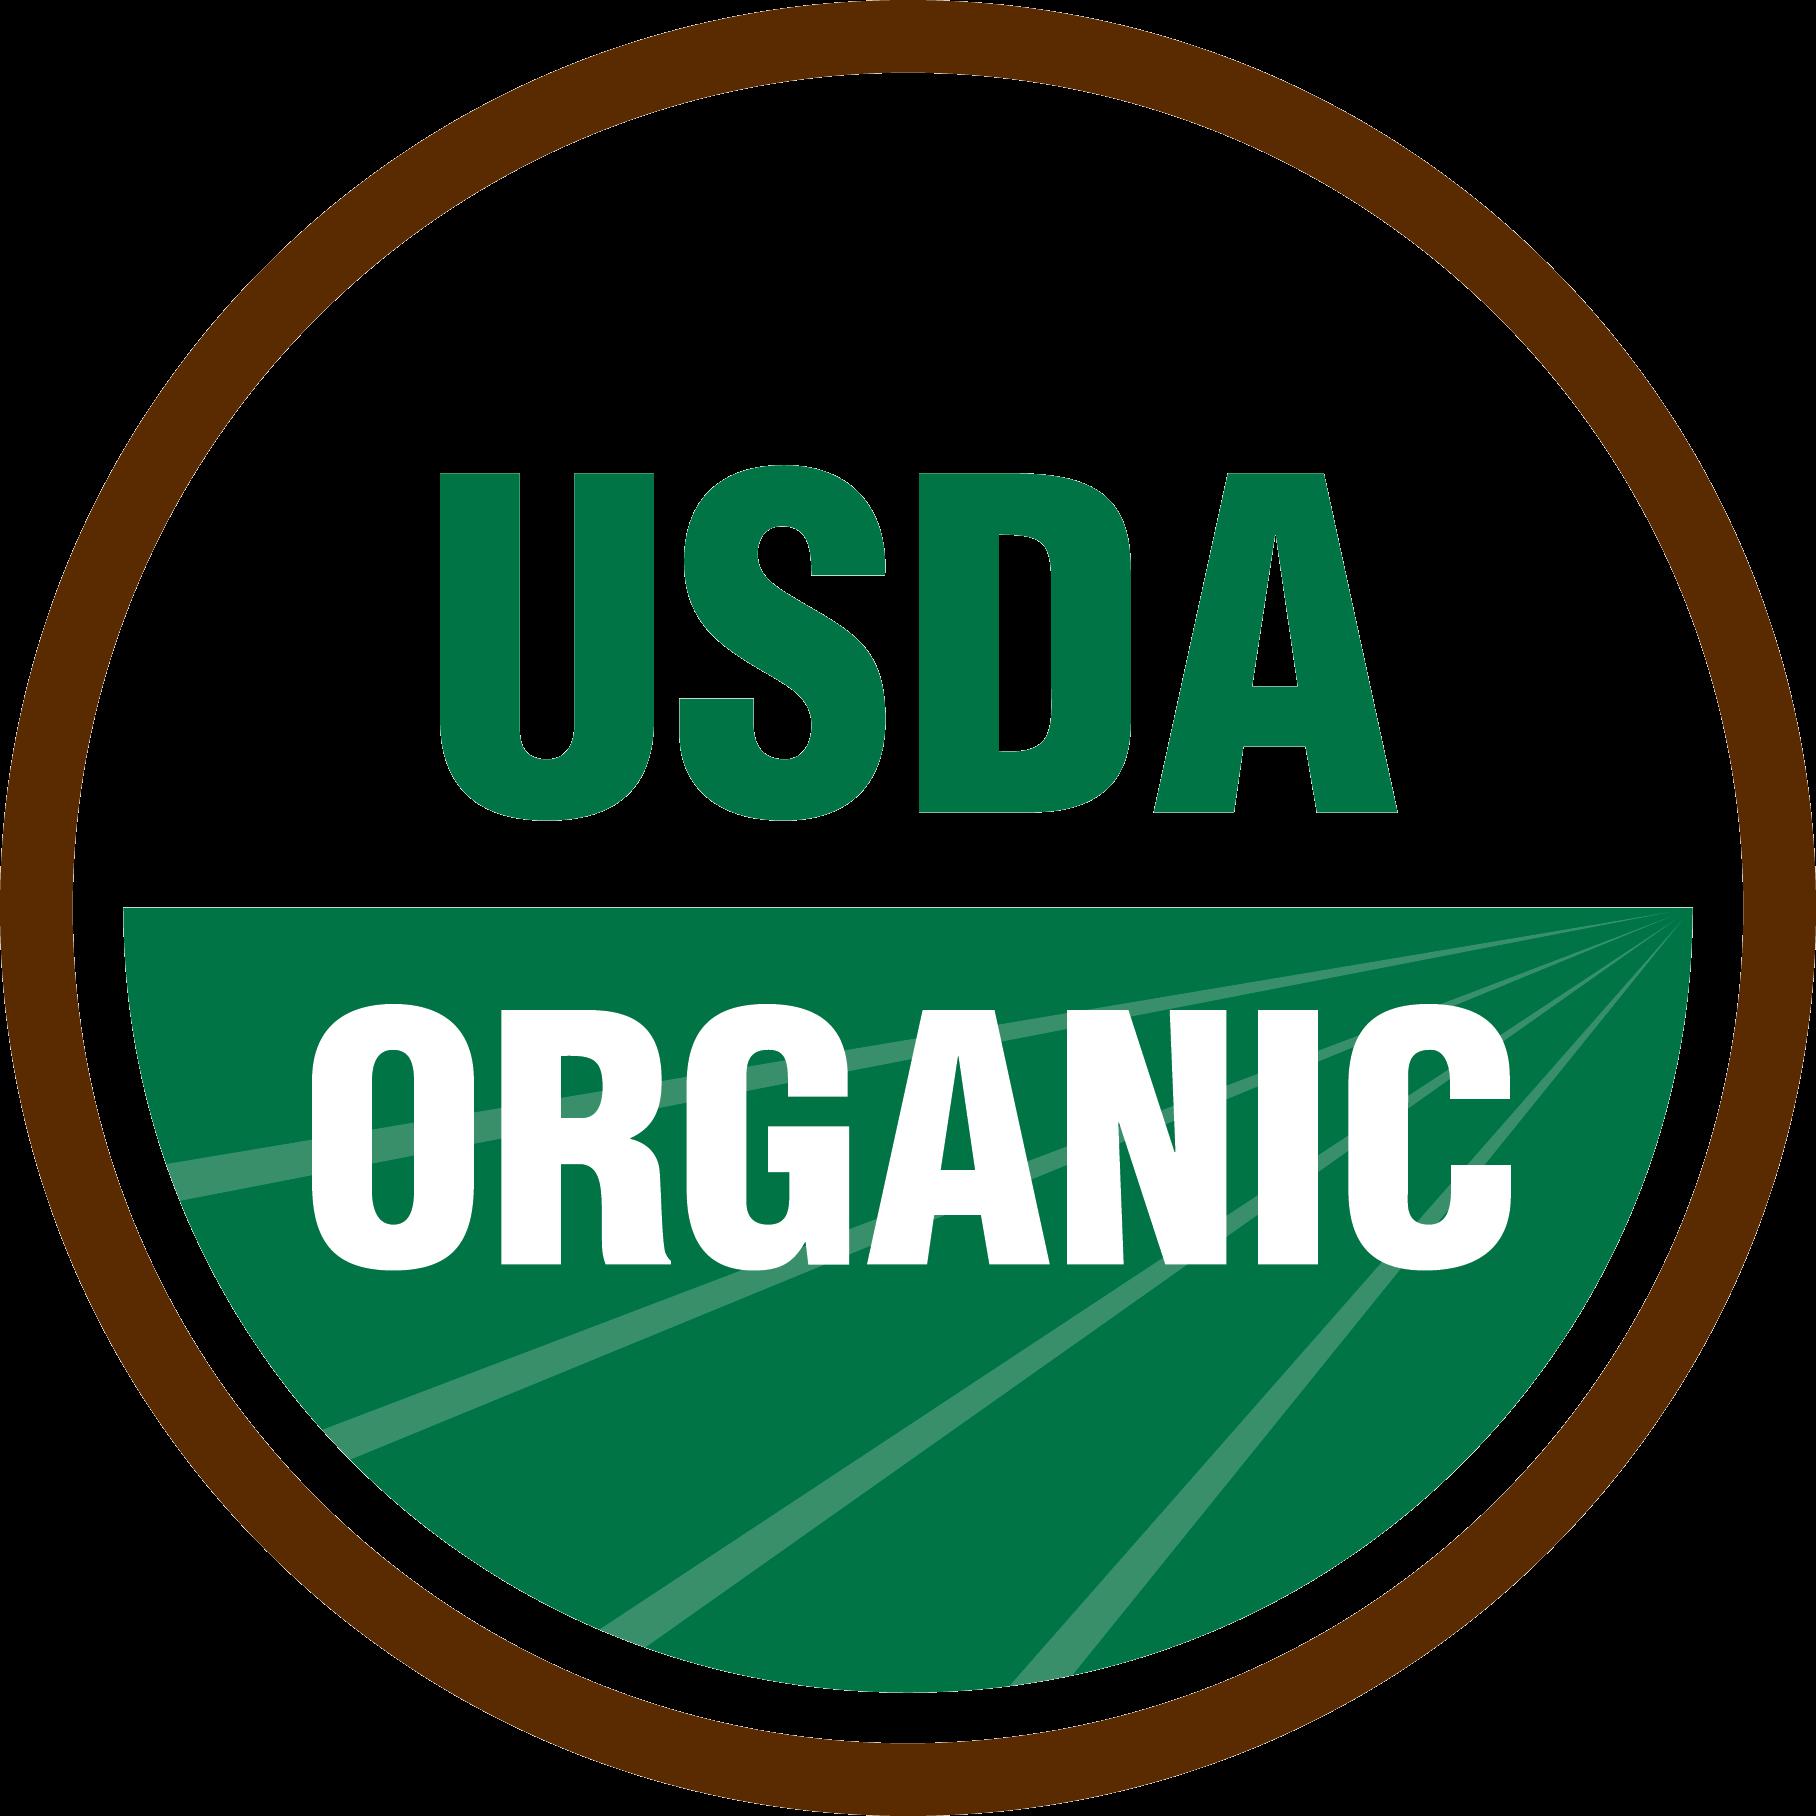 Organic4colorsealGIF.png